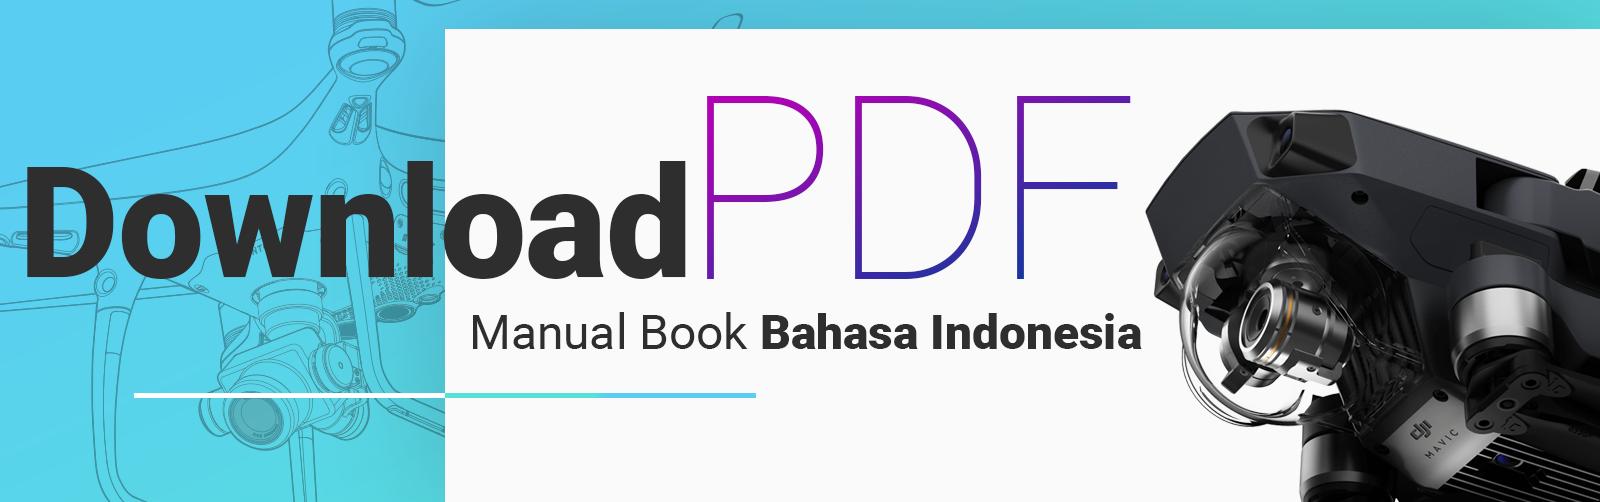 Gratis Buku Panduan Drone Dji Ber Bahasa Indonesia Download Disini Sekarang